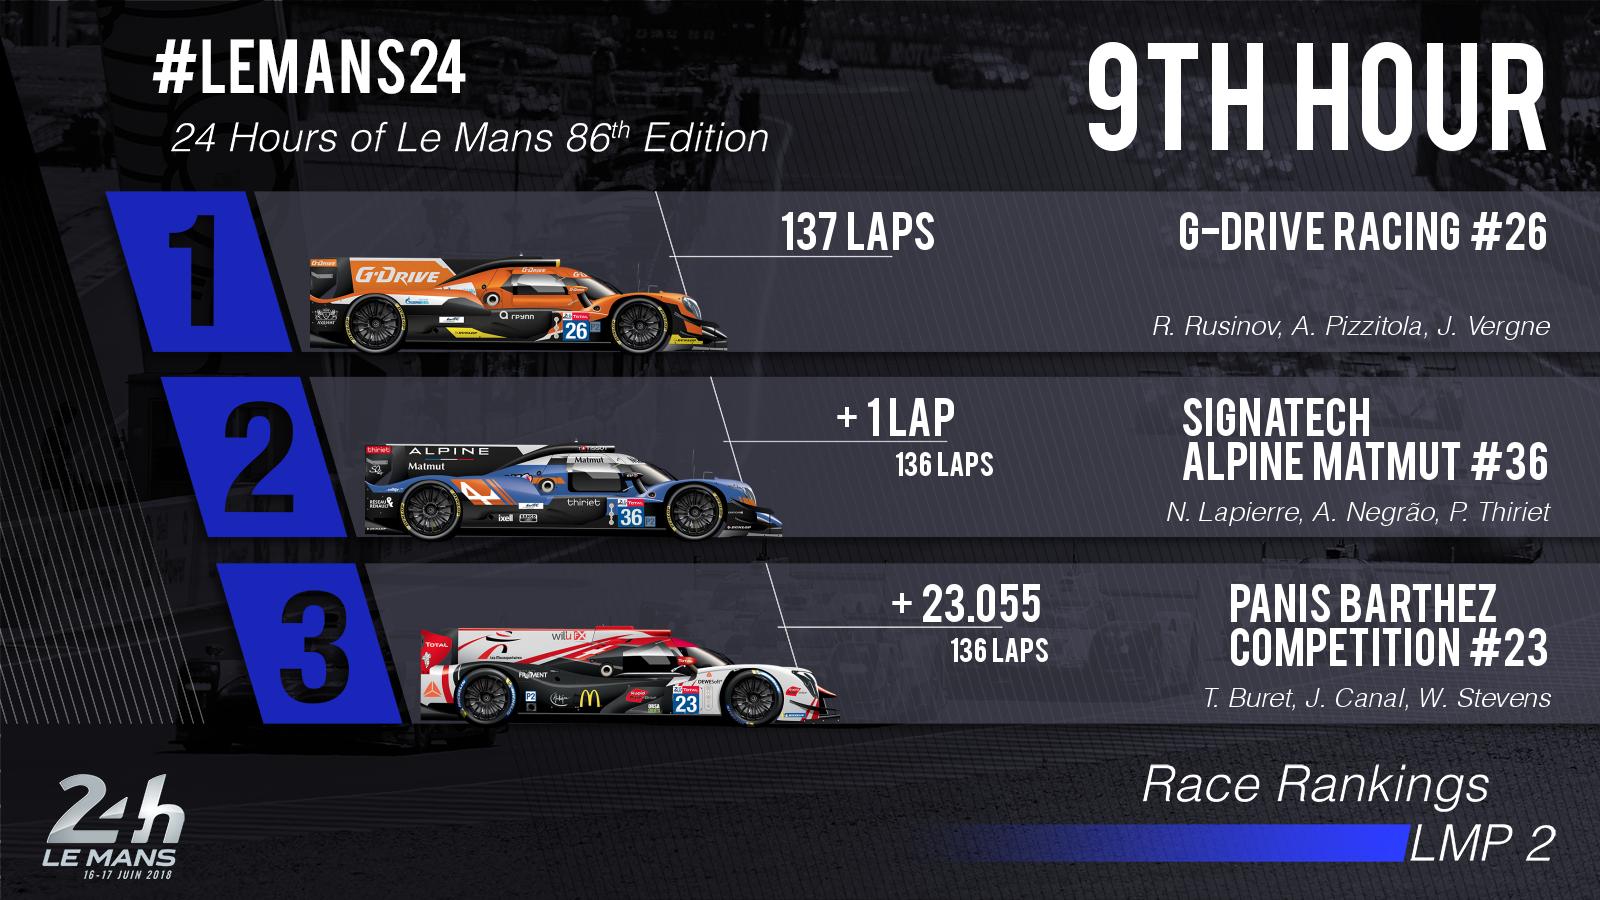 24 Horas de Le Mans 2018 - Página 3 5b2588a30a9d1